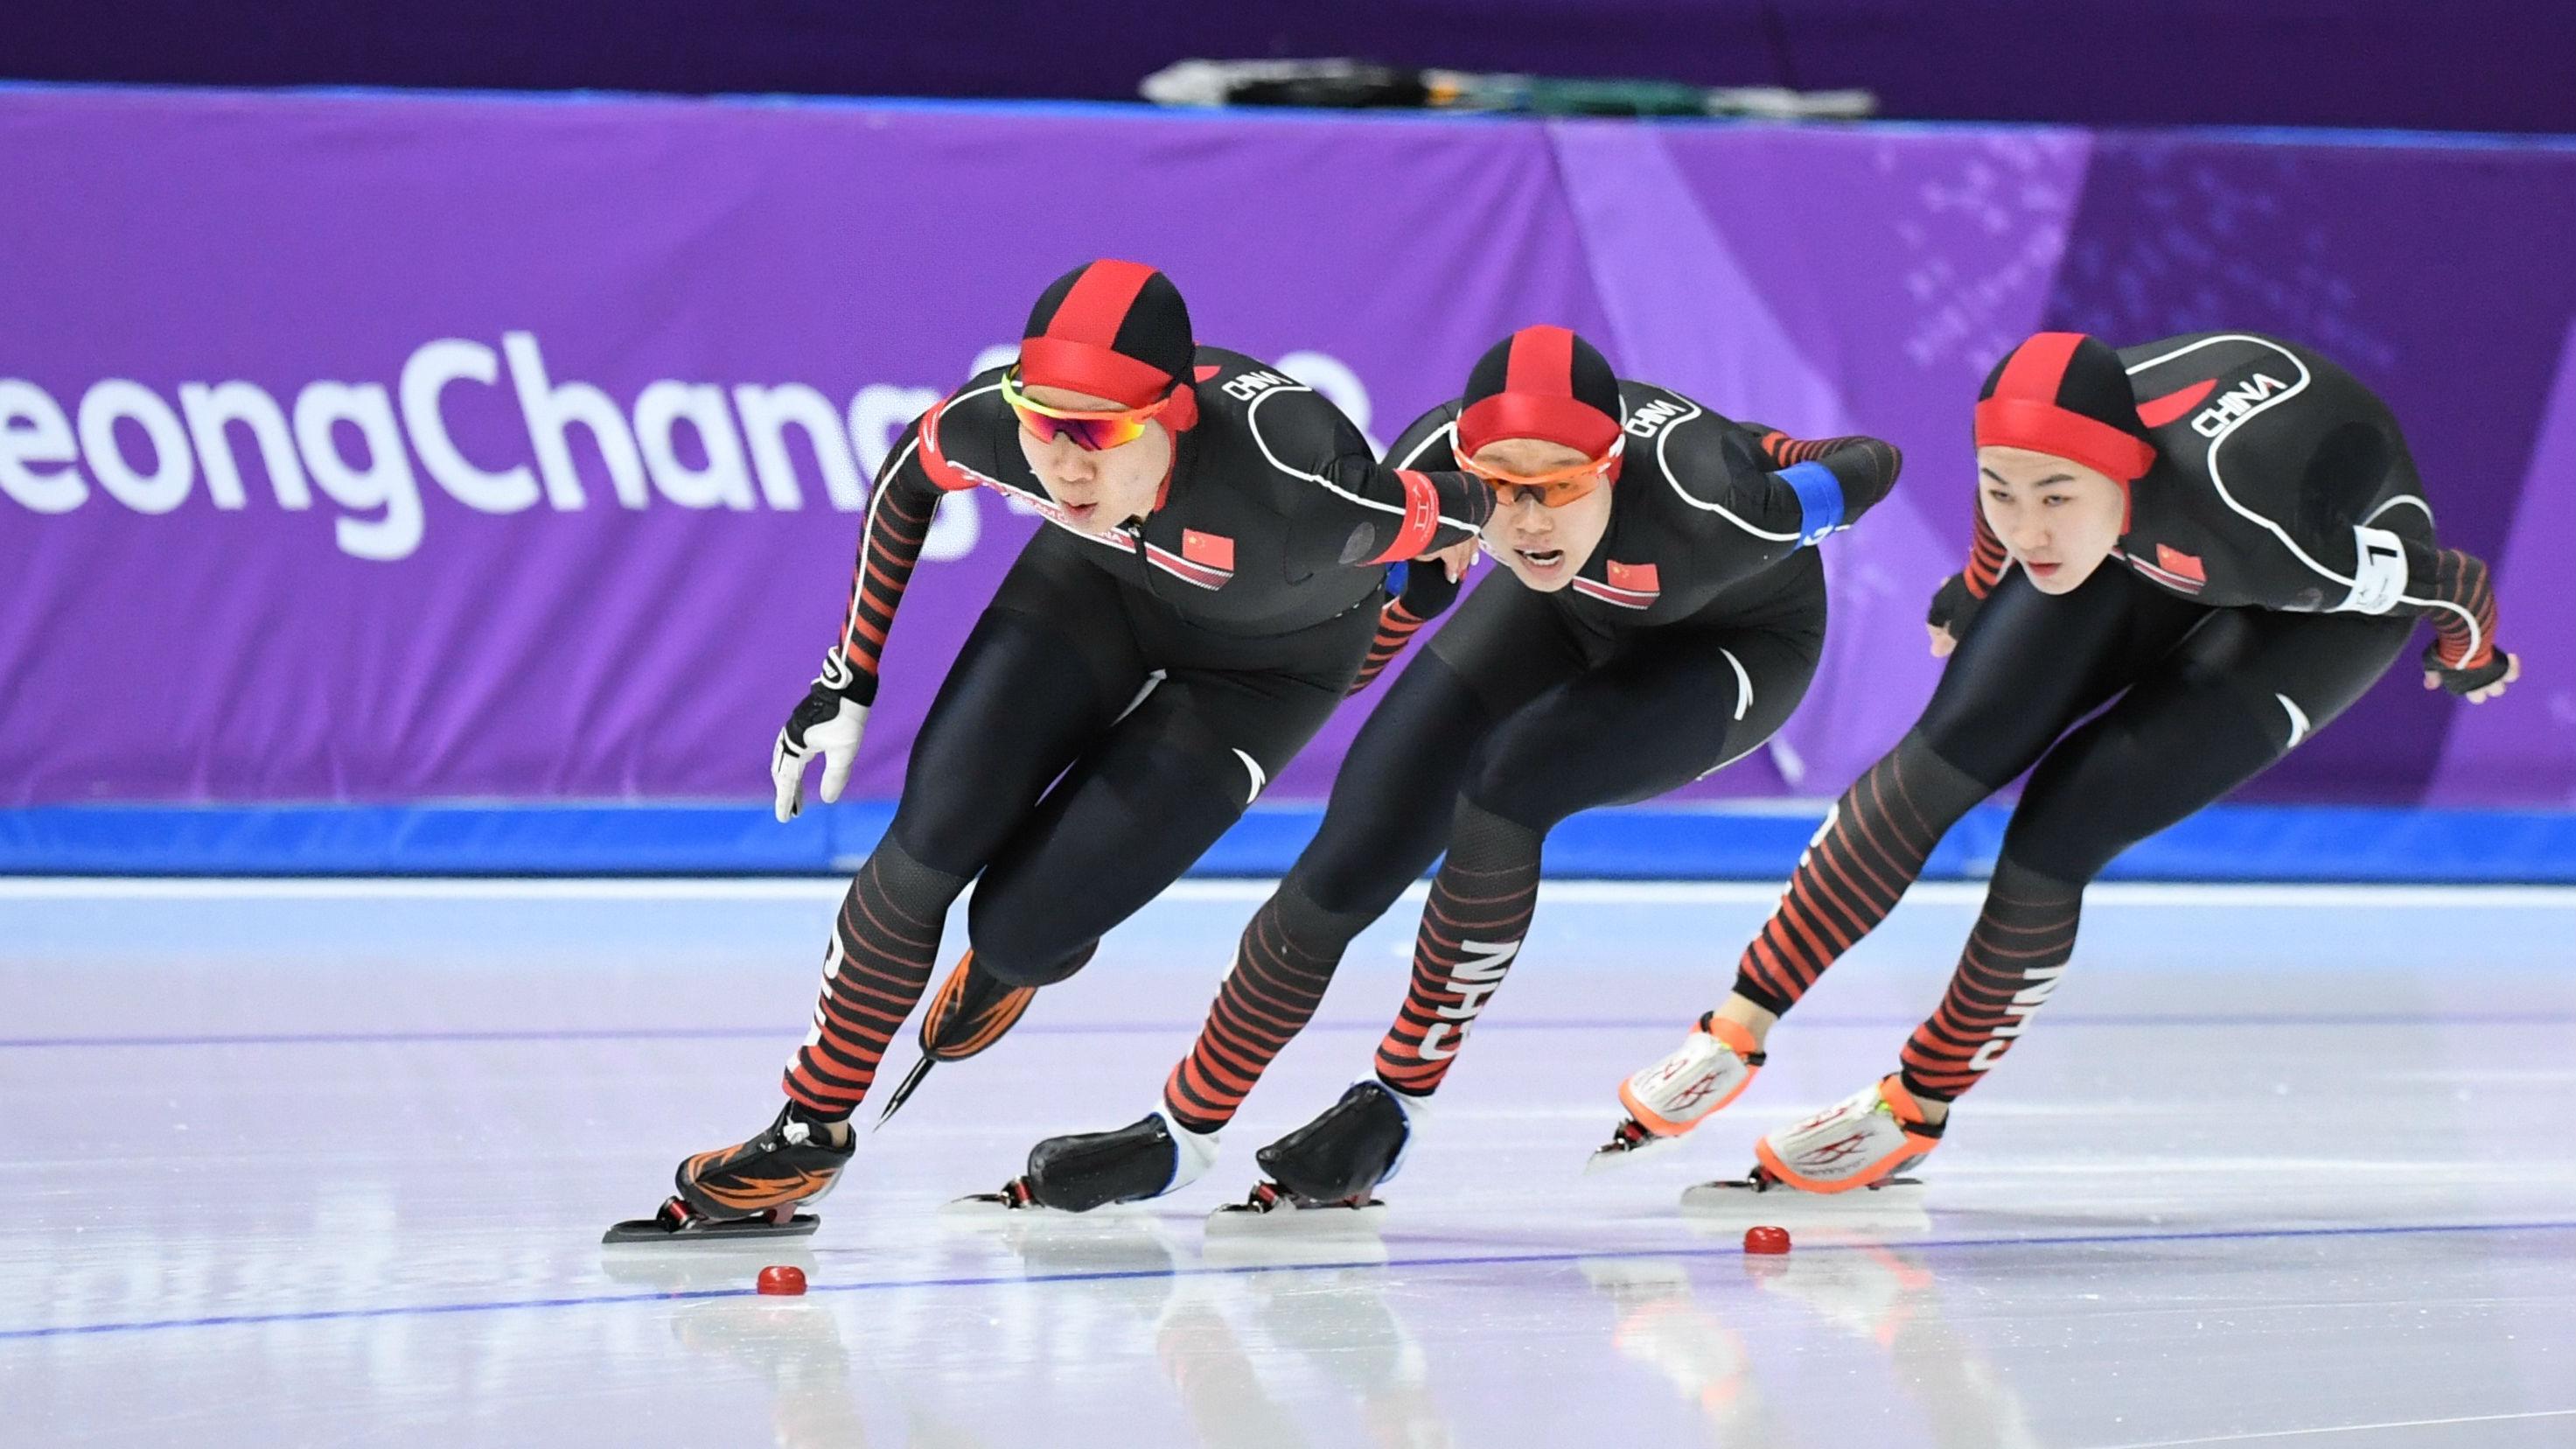 传递中国冰雪的奥运梦想